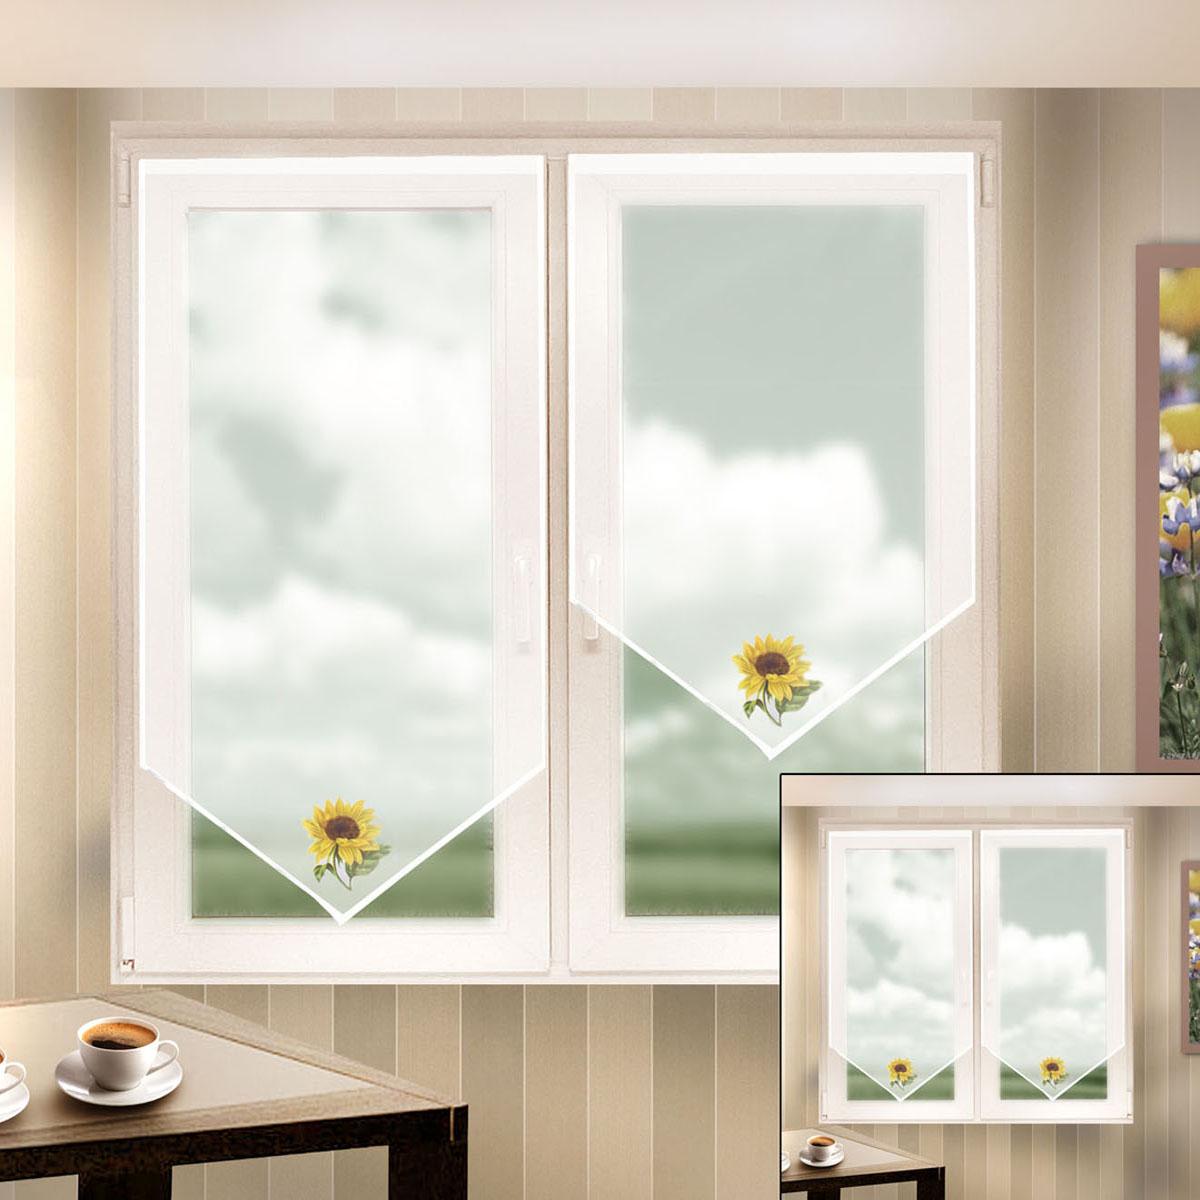 Гардина Zlata Korunka, на липкой ленте, цвет: белый, высота 140 см. 666050666050Гардина на липкой ленте Zlata Korunka, изготовленная из легкого полиэстера, станет великолепным украшением любого окна. Полотно из белой вуали с печатным рисунком привлечет к себе внимание и органично впишется в интерьер комнаты. Крепление на липкой ленте, не требующее сверления стен и карниза. Многоразовое и мгновенное крепление.